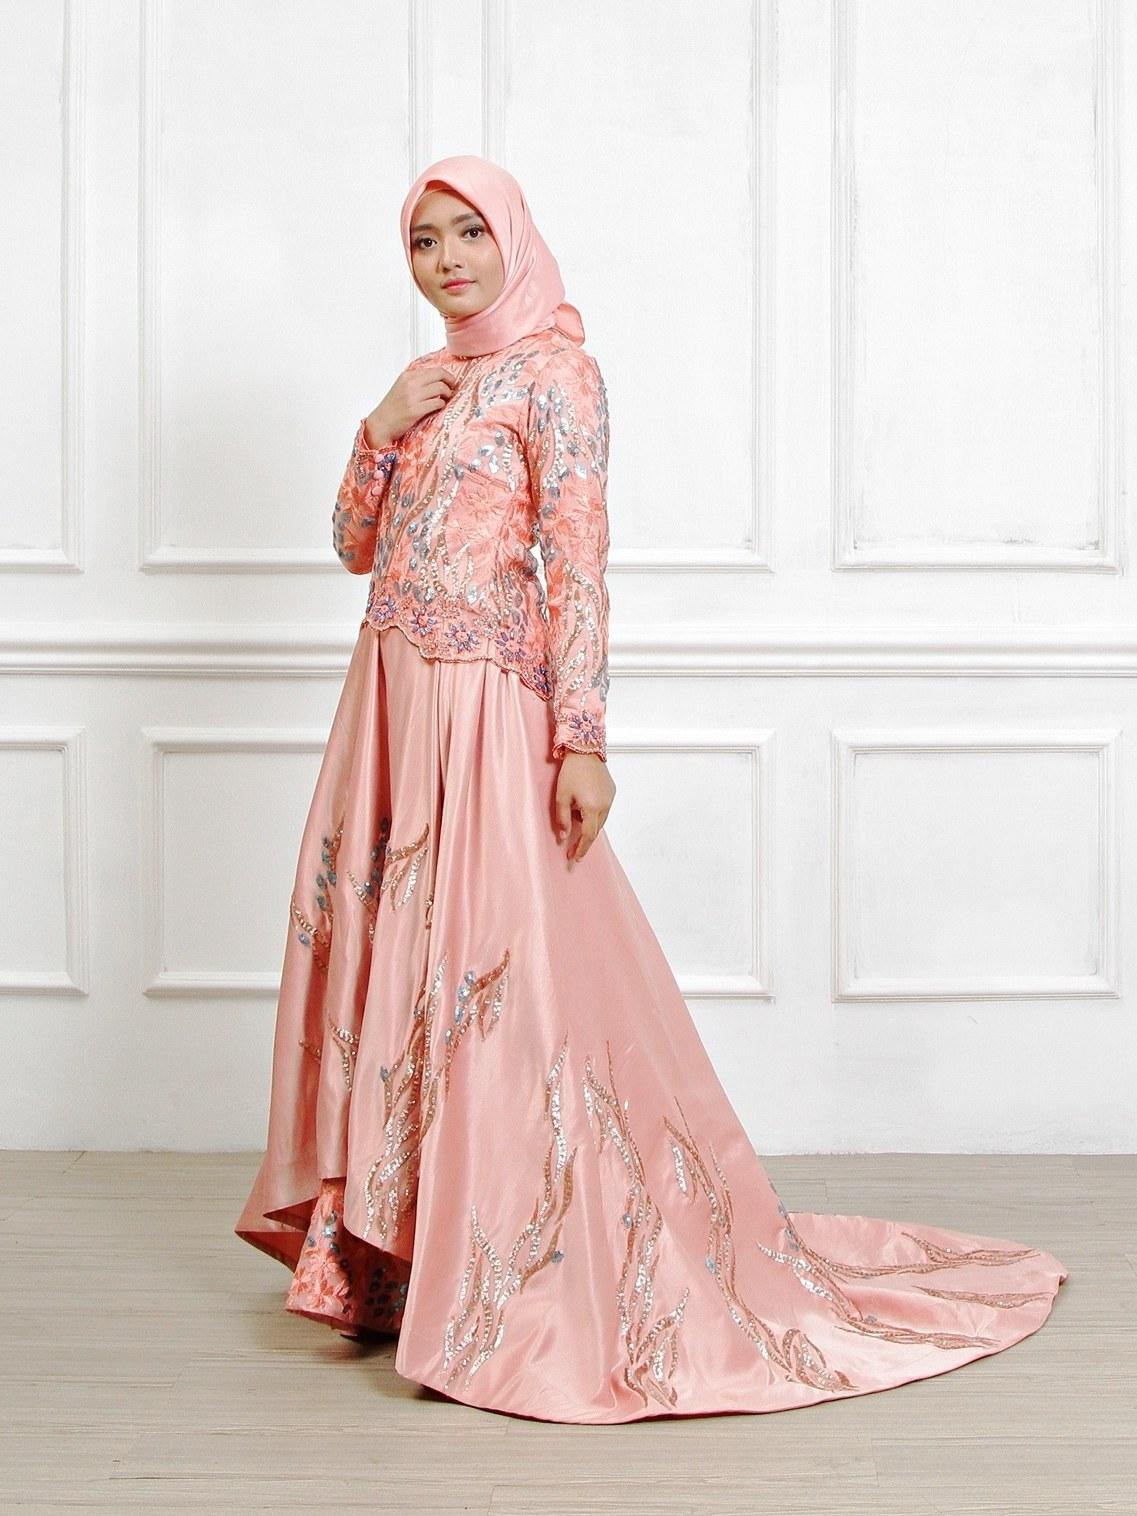 Bentuk Sewa Gaun Pengantin Muslimah Jogja 0gdr Sewa Perdana Baju Pengantin Muslimah Jogja Gaun Pengantin